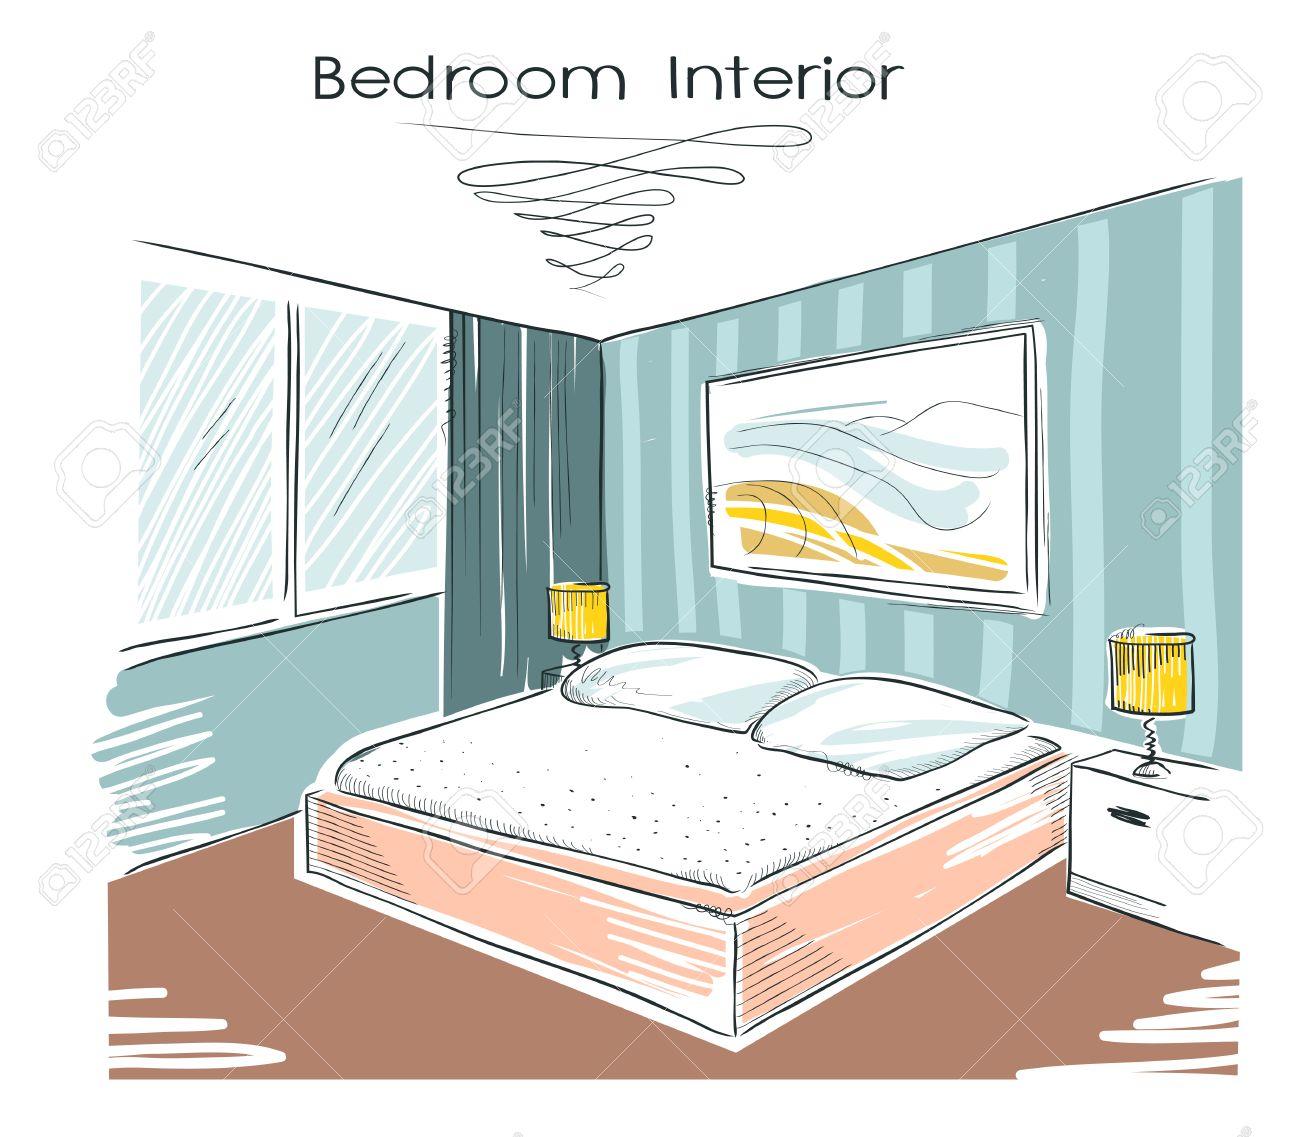 Sketchy Illustration Couleur De L Intérieur De La Chambre Dessin Maison Moderne Main